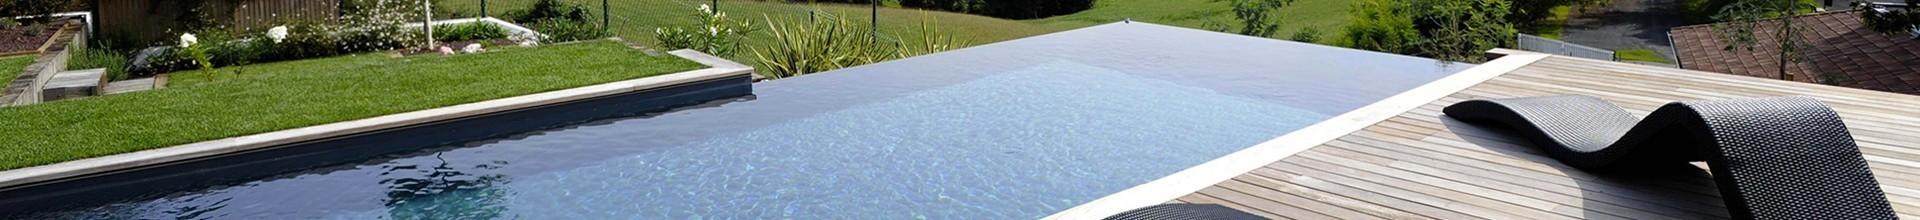 Normandie, piscine sportive avec un équipement sophistiqué